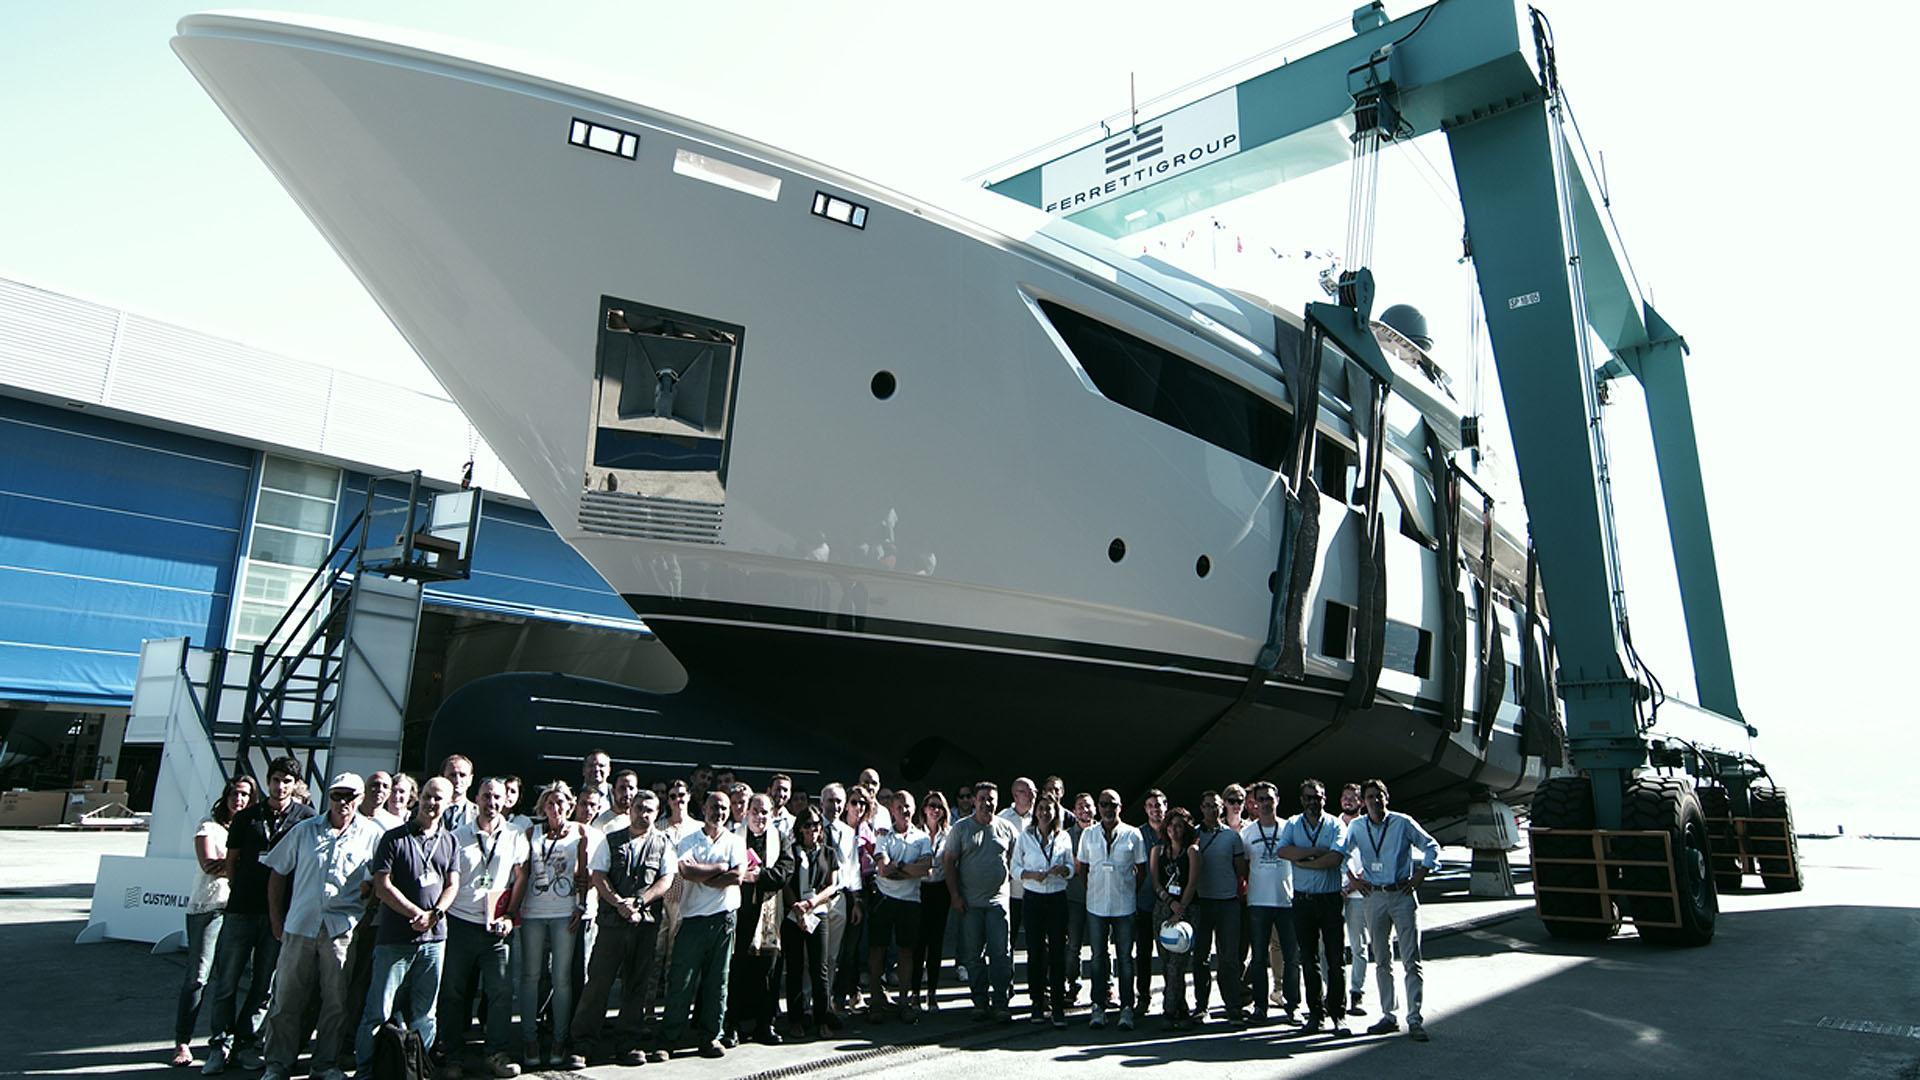 navetta 37 01 motoryacht ferretti custom line 2016 37m launch team